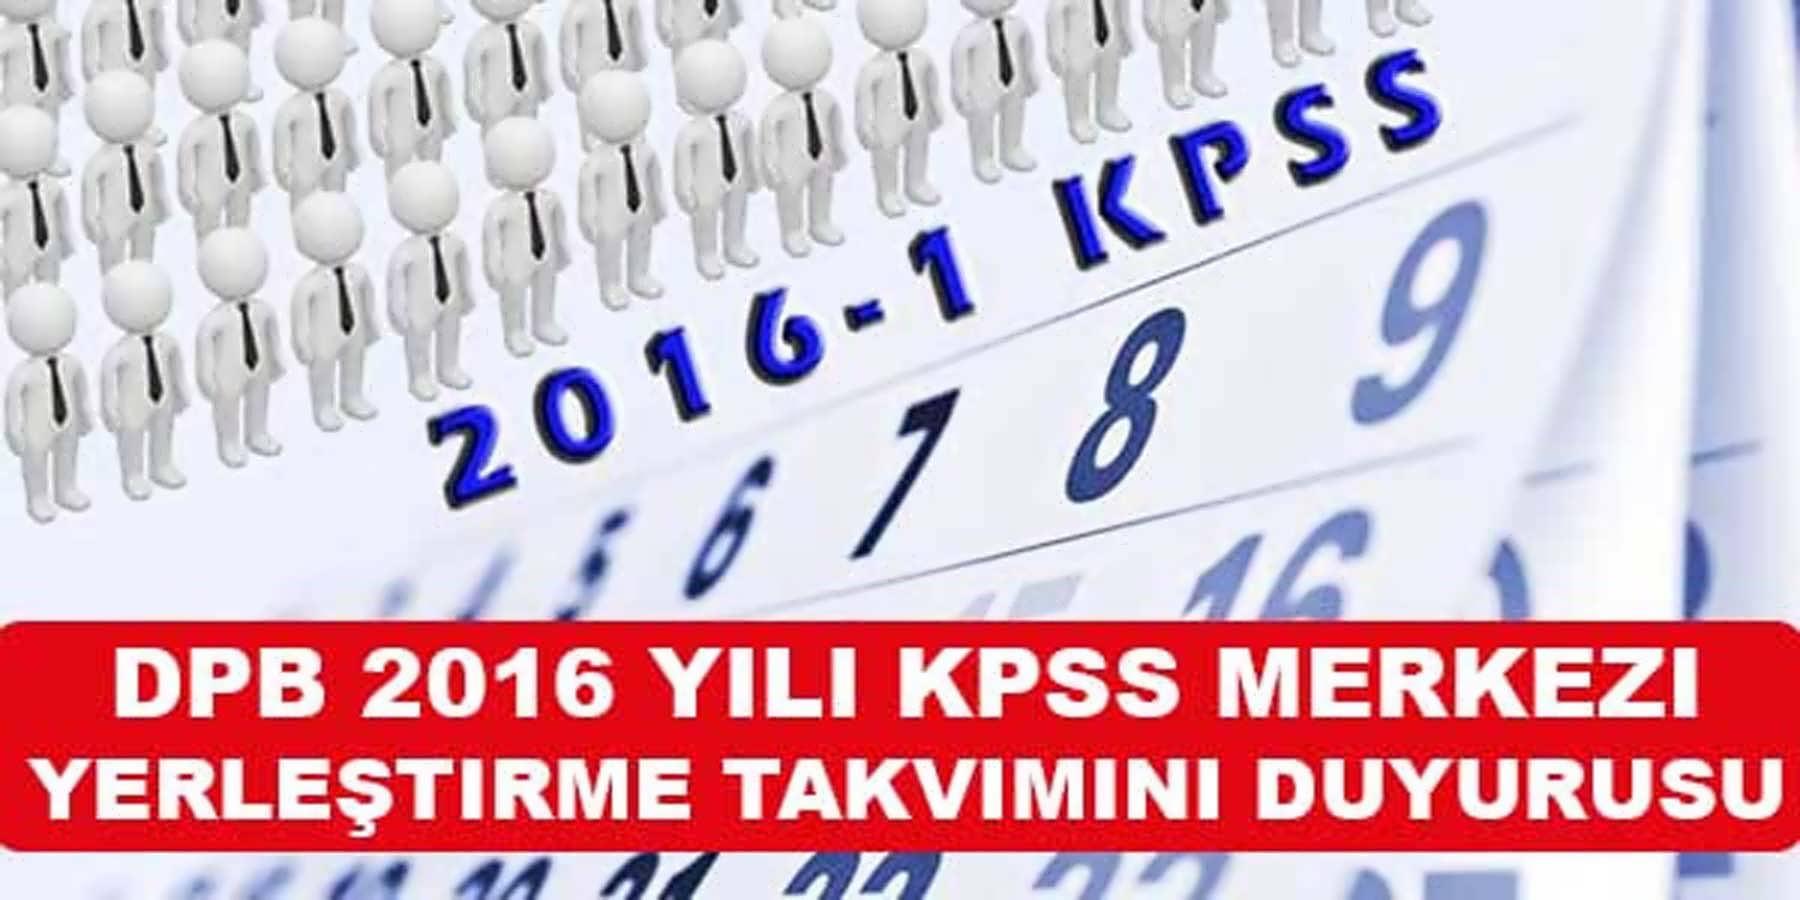 DPB 2016 Yılı KPSS Merkezi Yerleştirme Takvimini Duyurusu